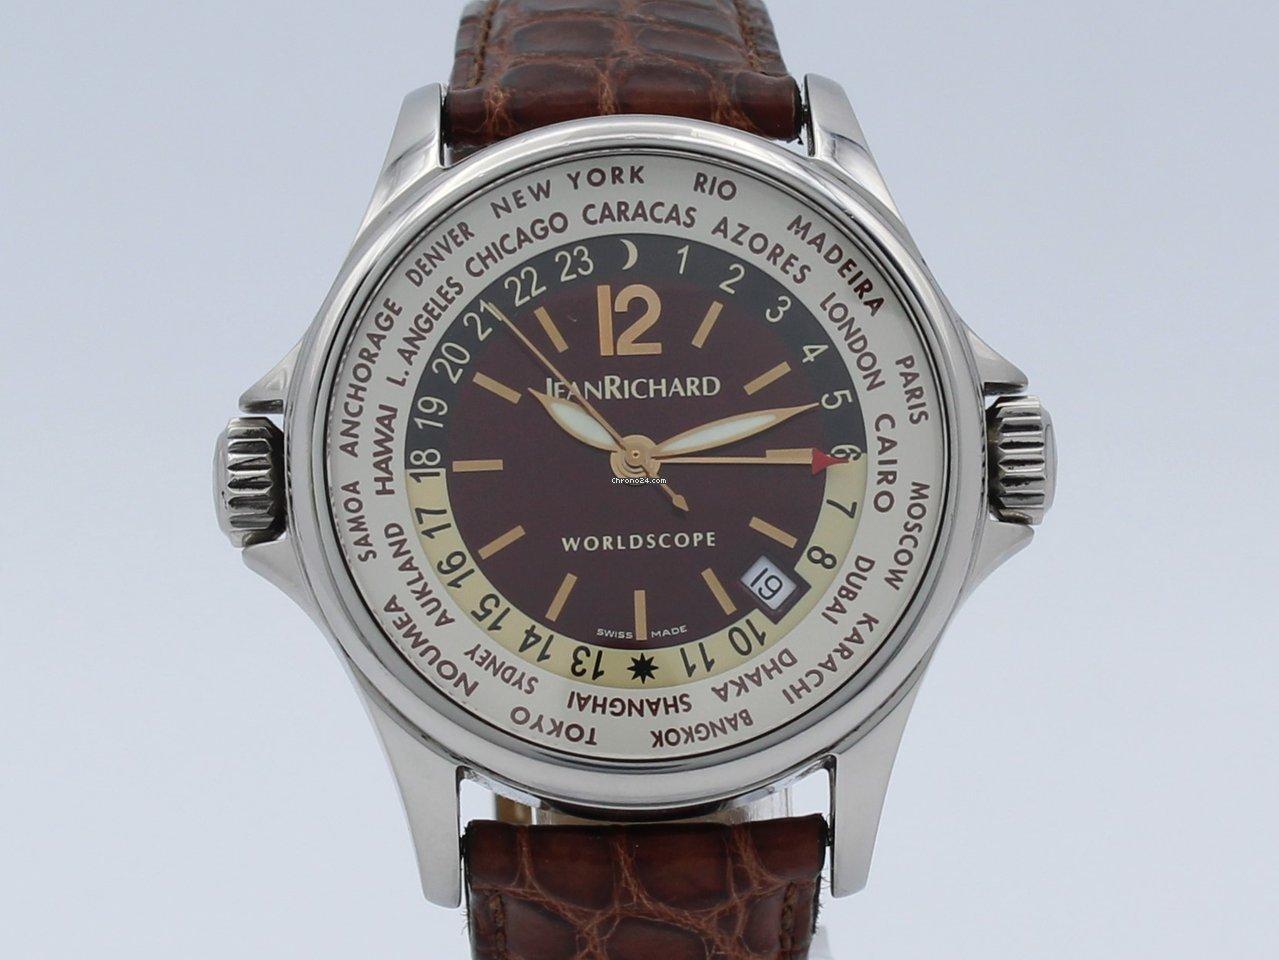 99db2aa405c Daniel Jeanrichard Worldscope Wordtime GMT Date Steel Automati... for C   1